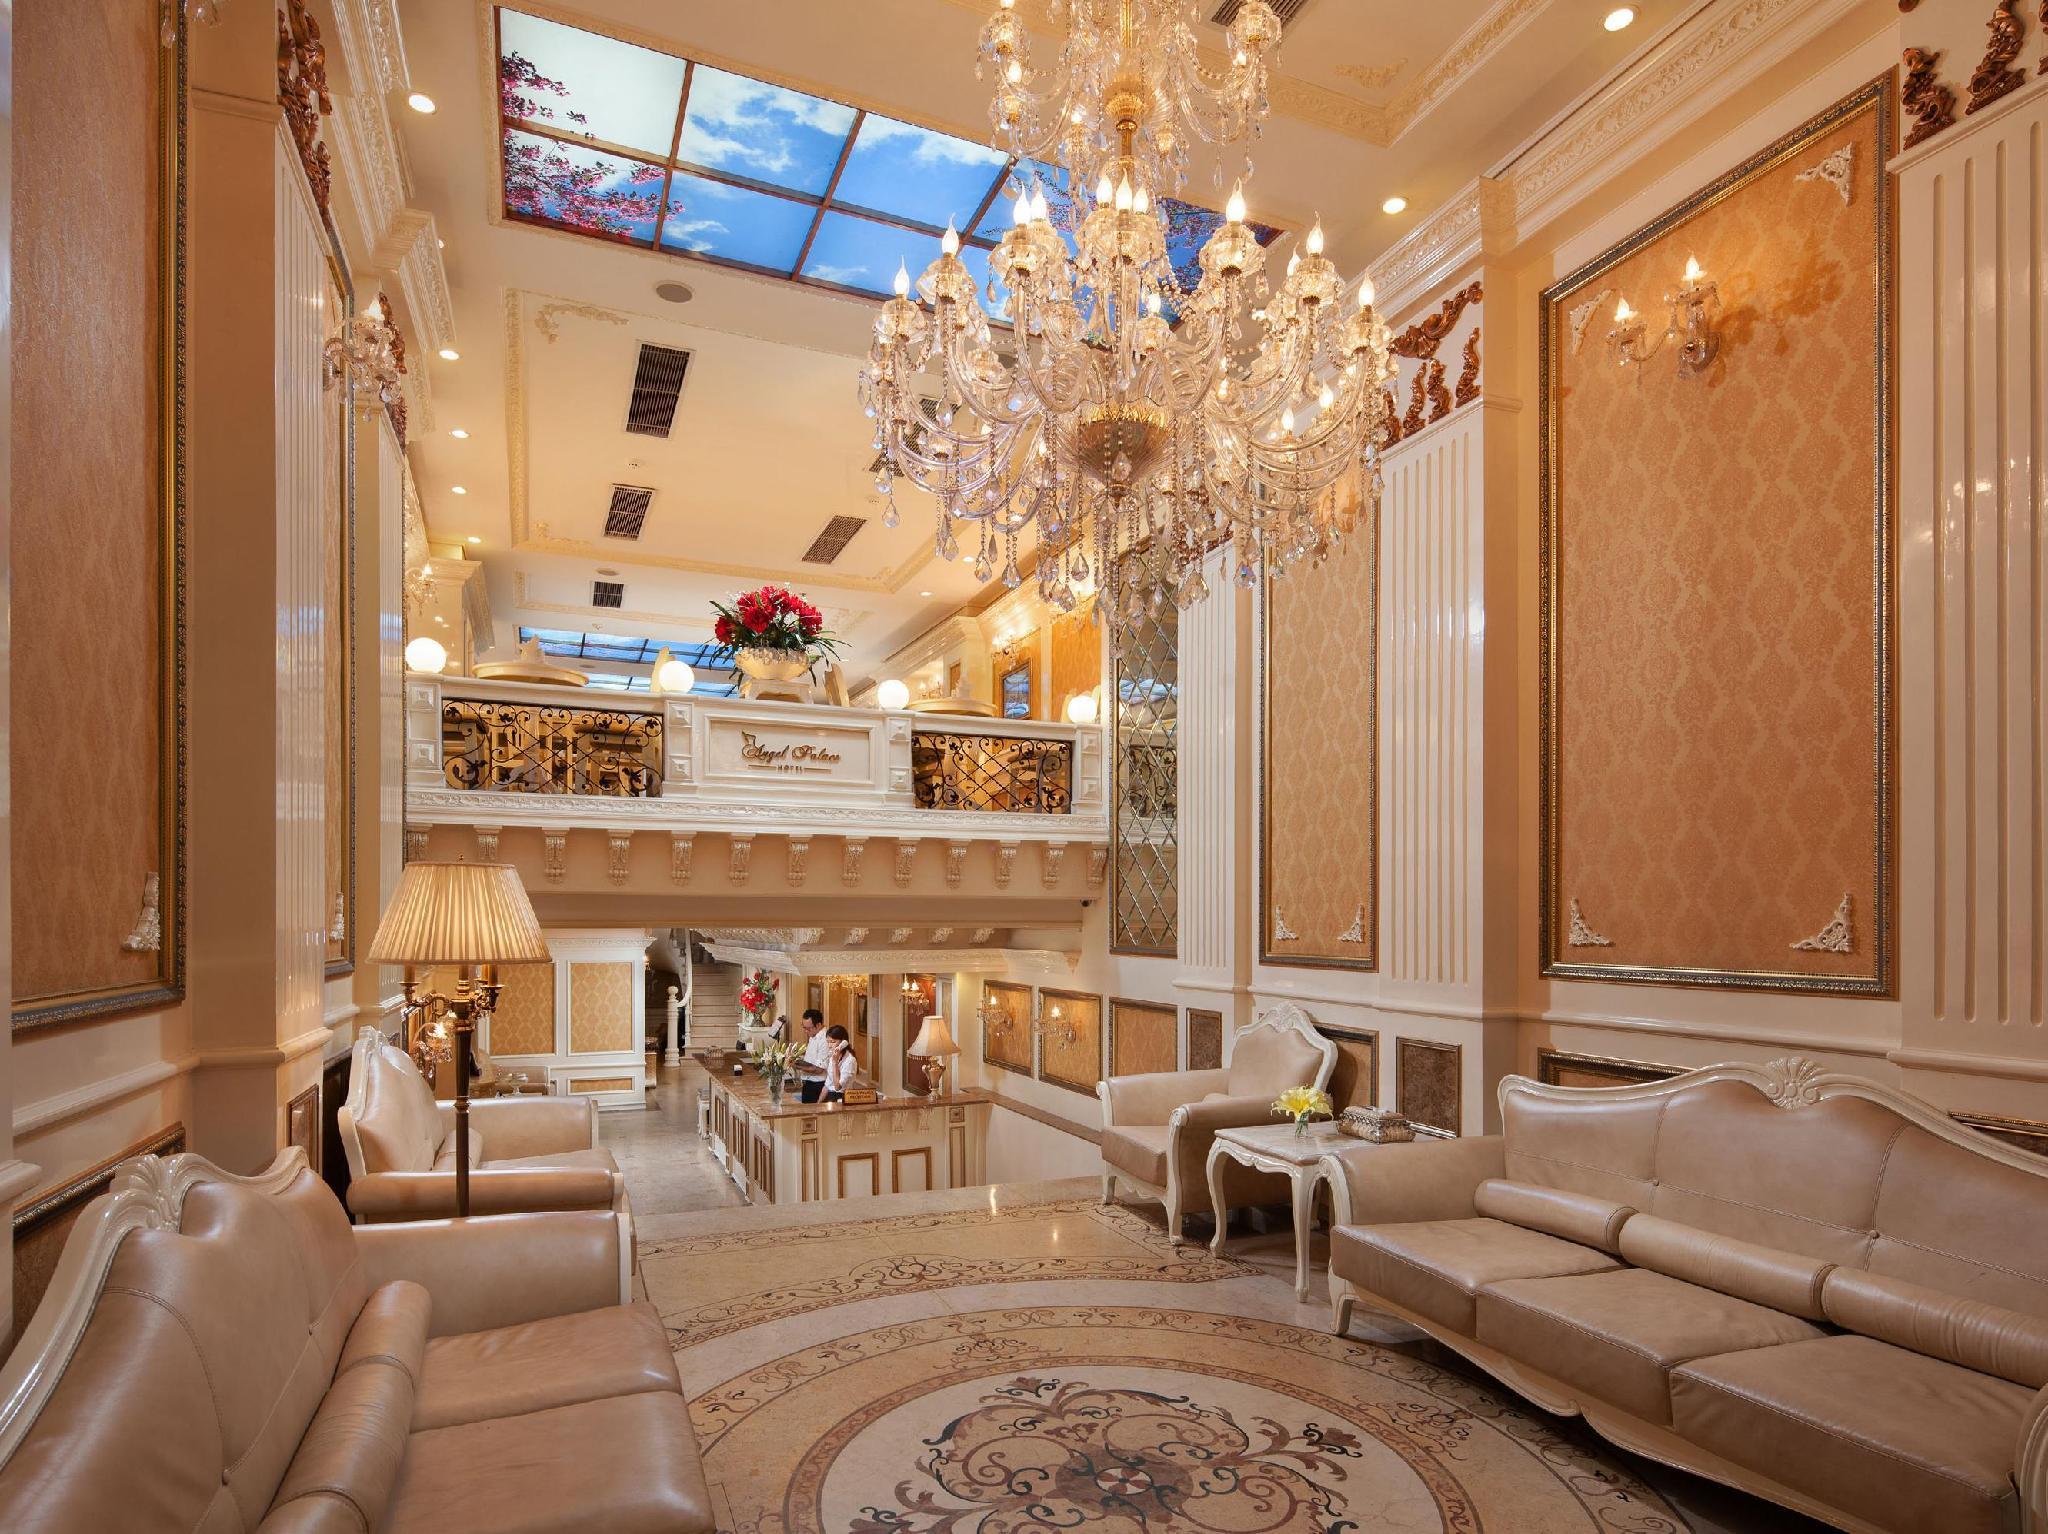 Angel Palace Hotel - Hotell och Boende i Vietnam , Hanoi